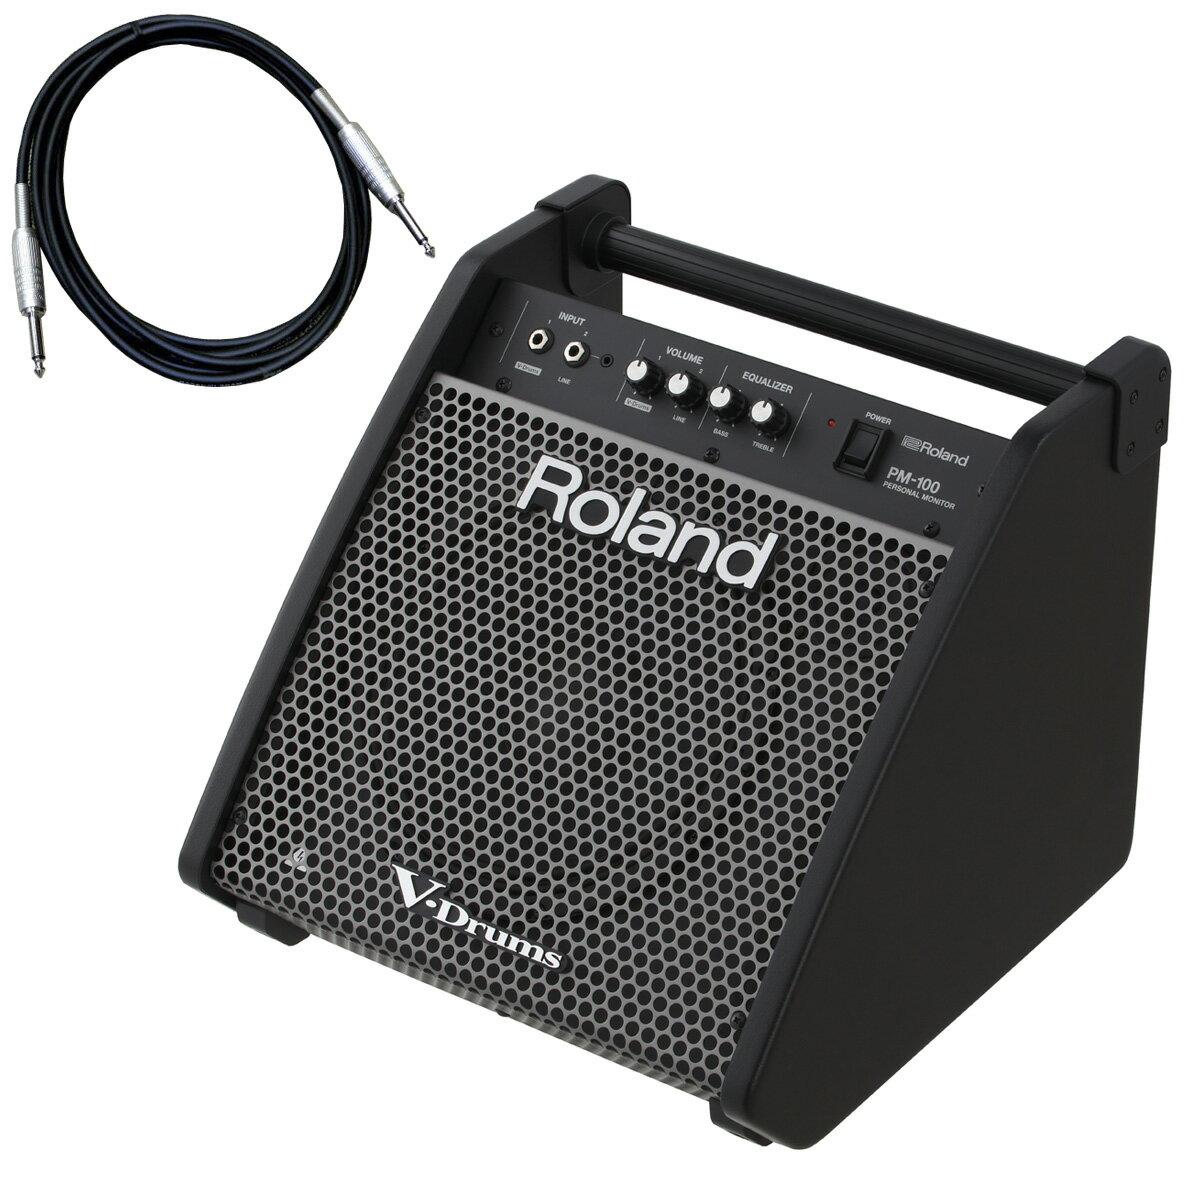 Roland 電子ドラム用モニタースピーカー PM-100 カナレ接続ケーブルセット【YRK】